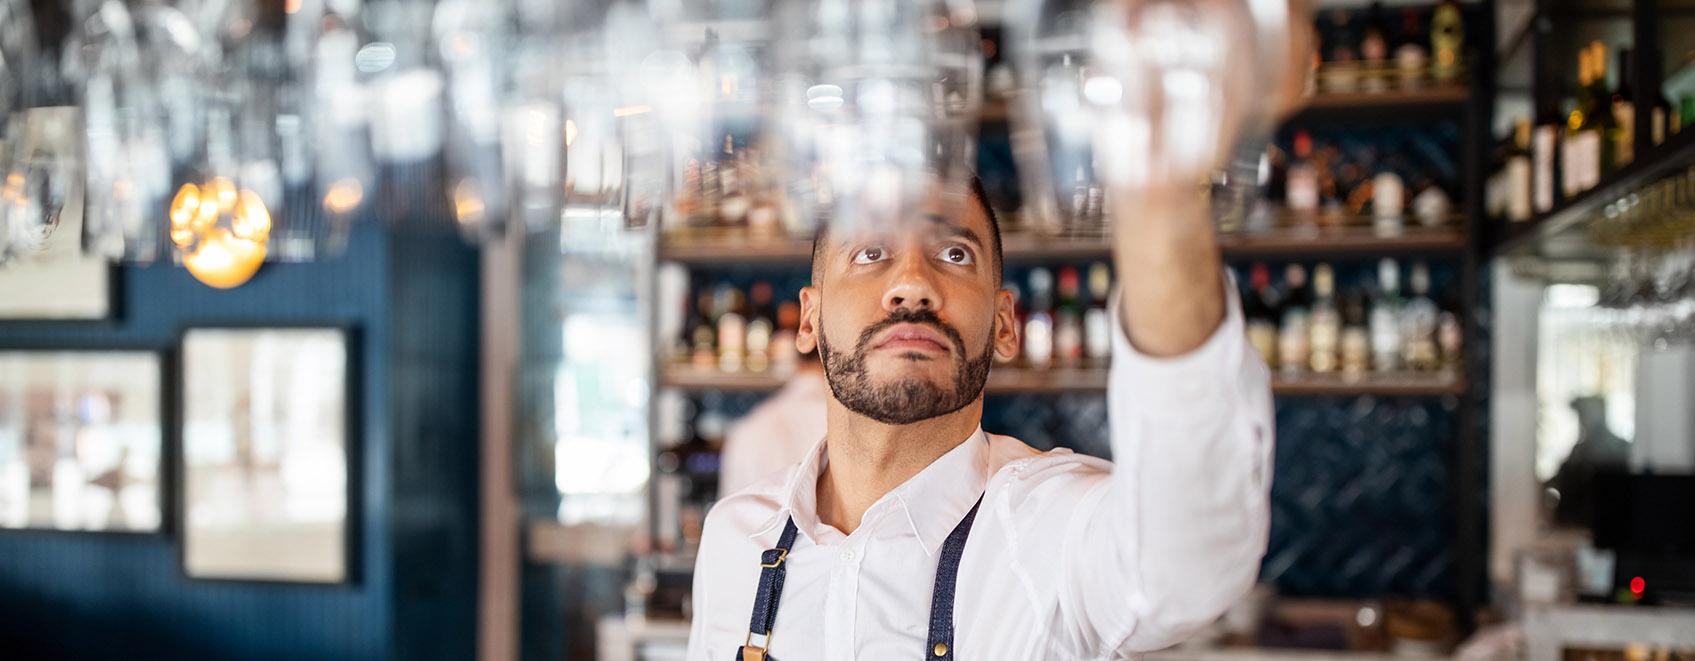 Bartender hanging wine glasses above the bar.